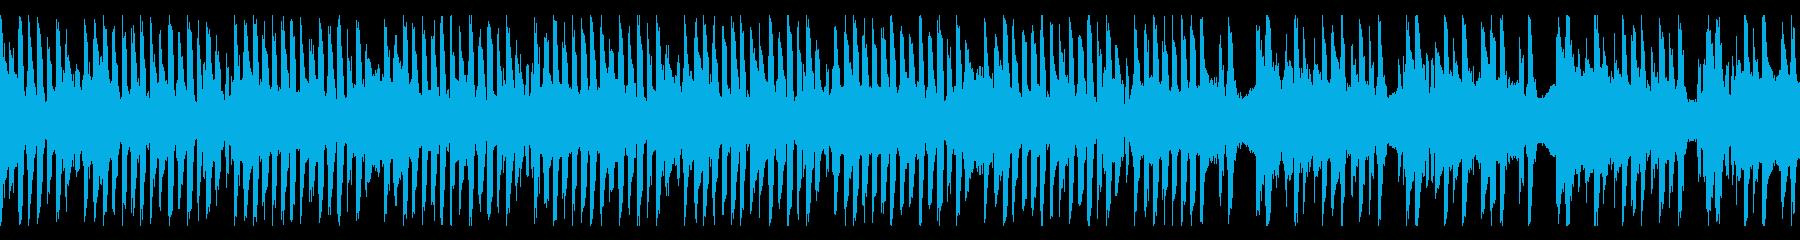 コミカルでボケ担当なループBGMの再生済みの波形